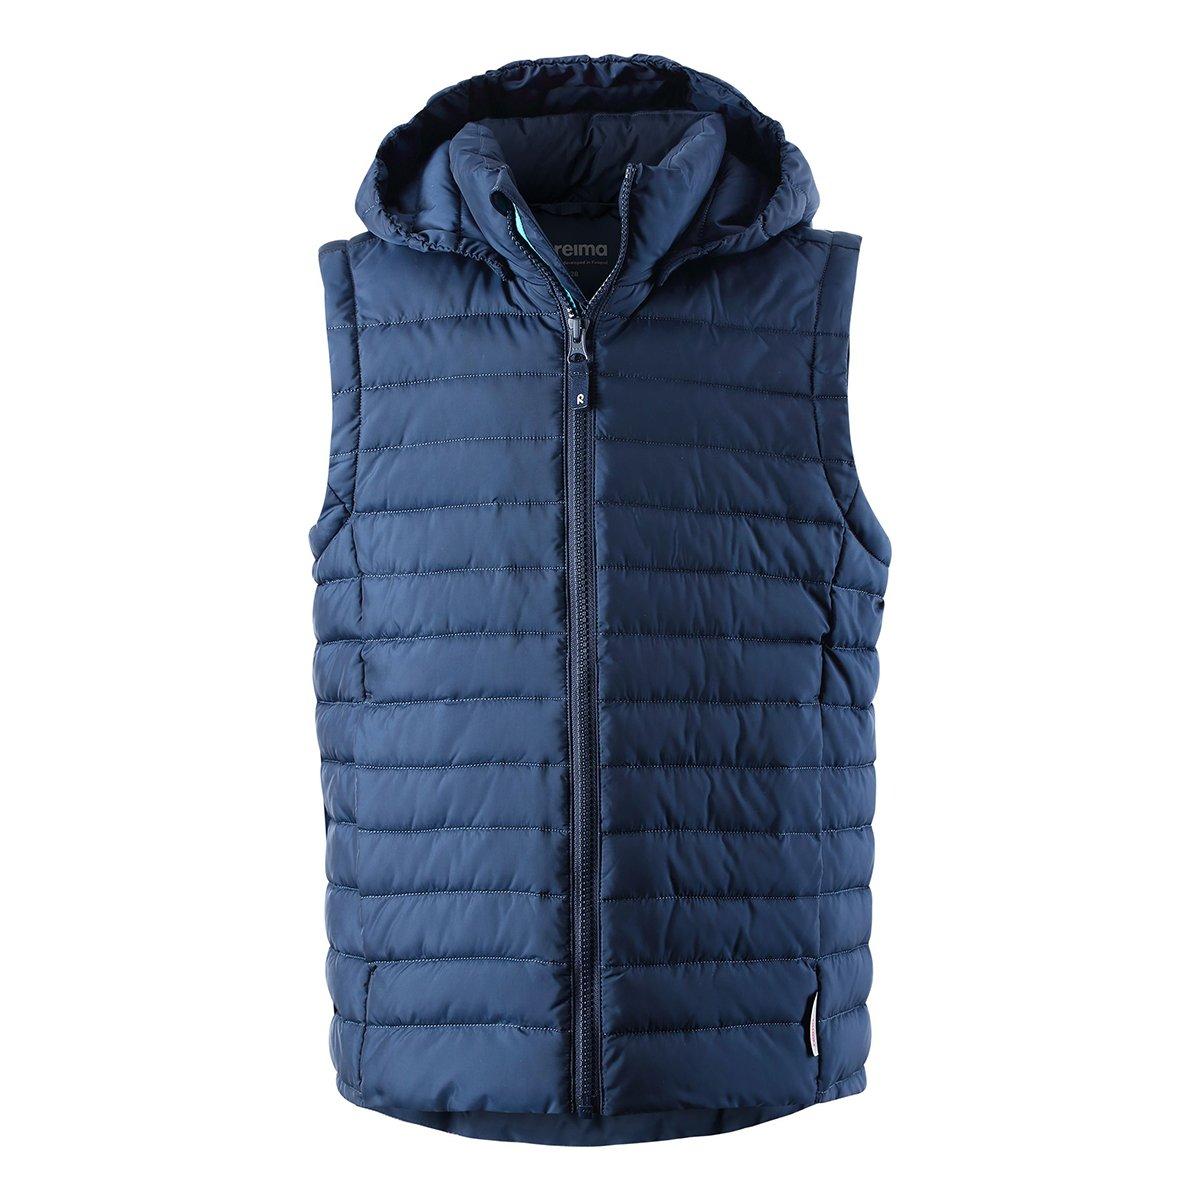 Купить Верхняя одежда, Куртка Reima Blue, р. 158 531441-6980 ТМ: REIMA, синий